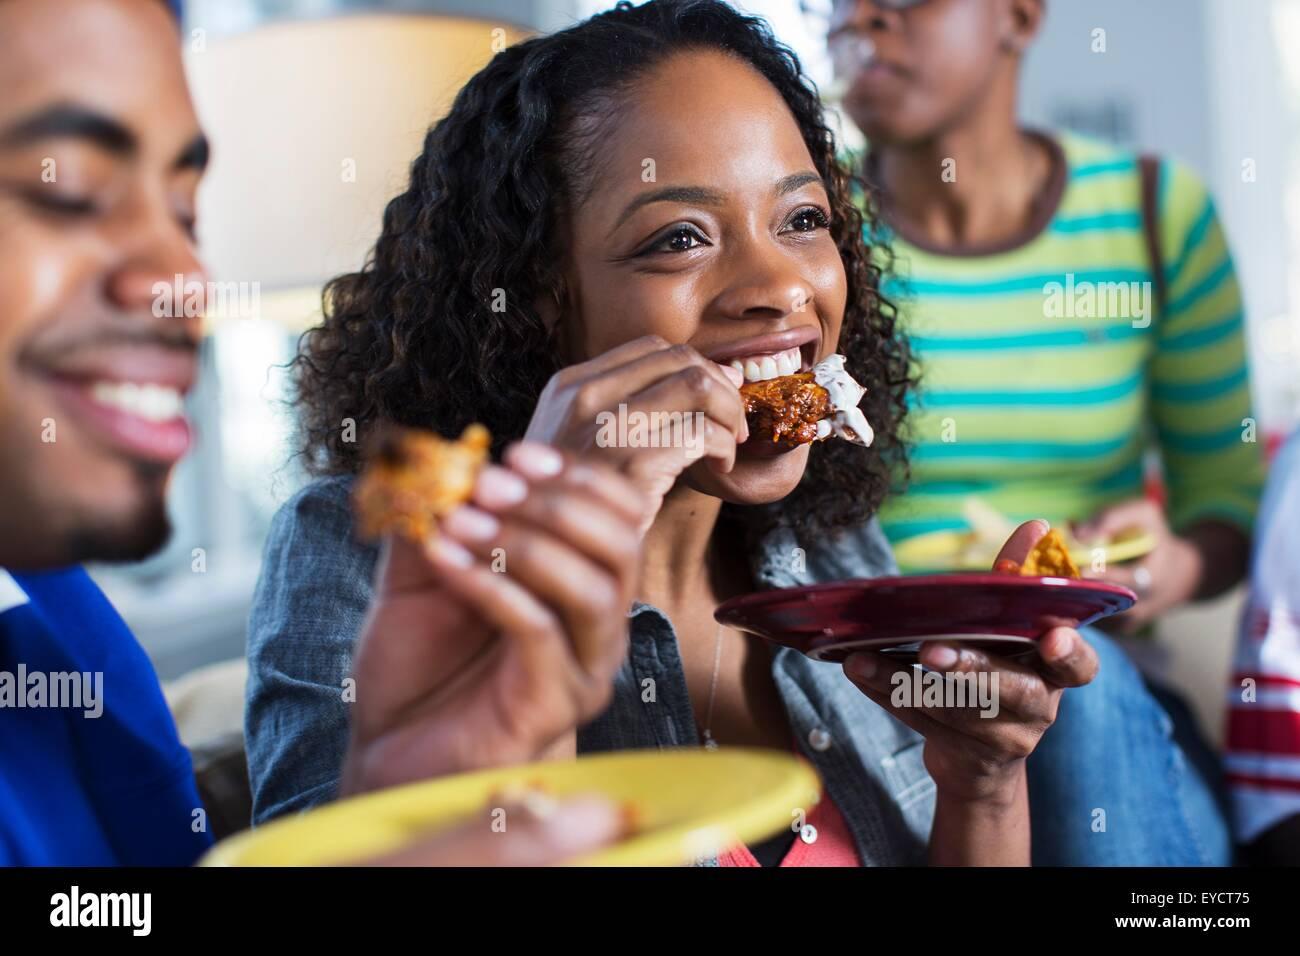 Tres amigos adultos comiendo comida para llevar en el sofá de la sala Imagen De Stock